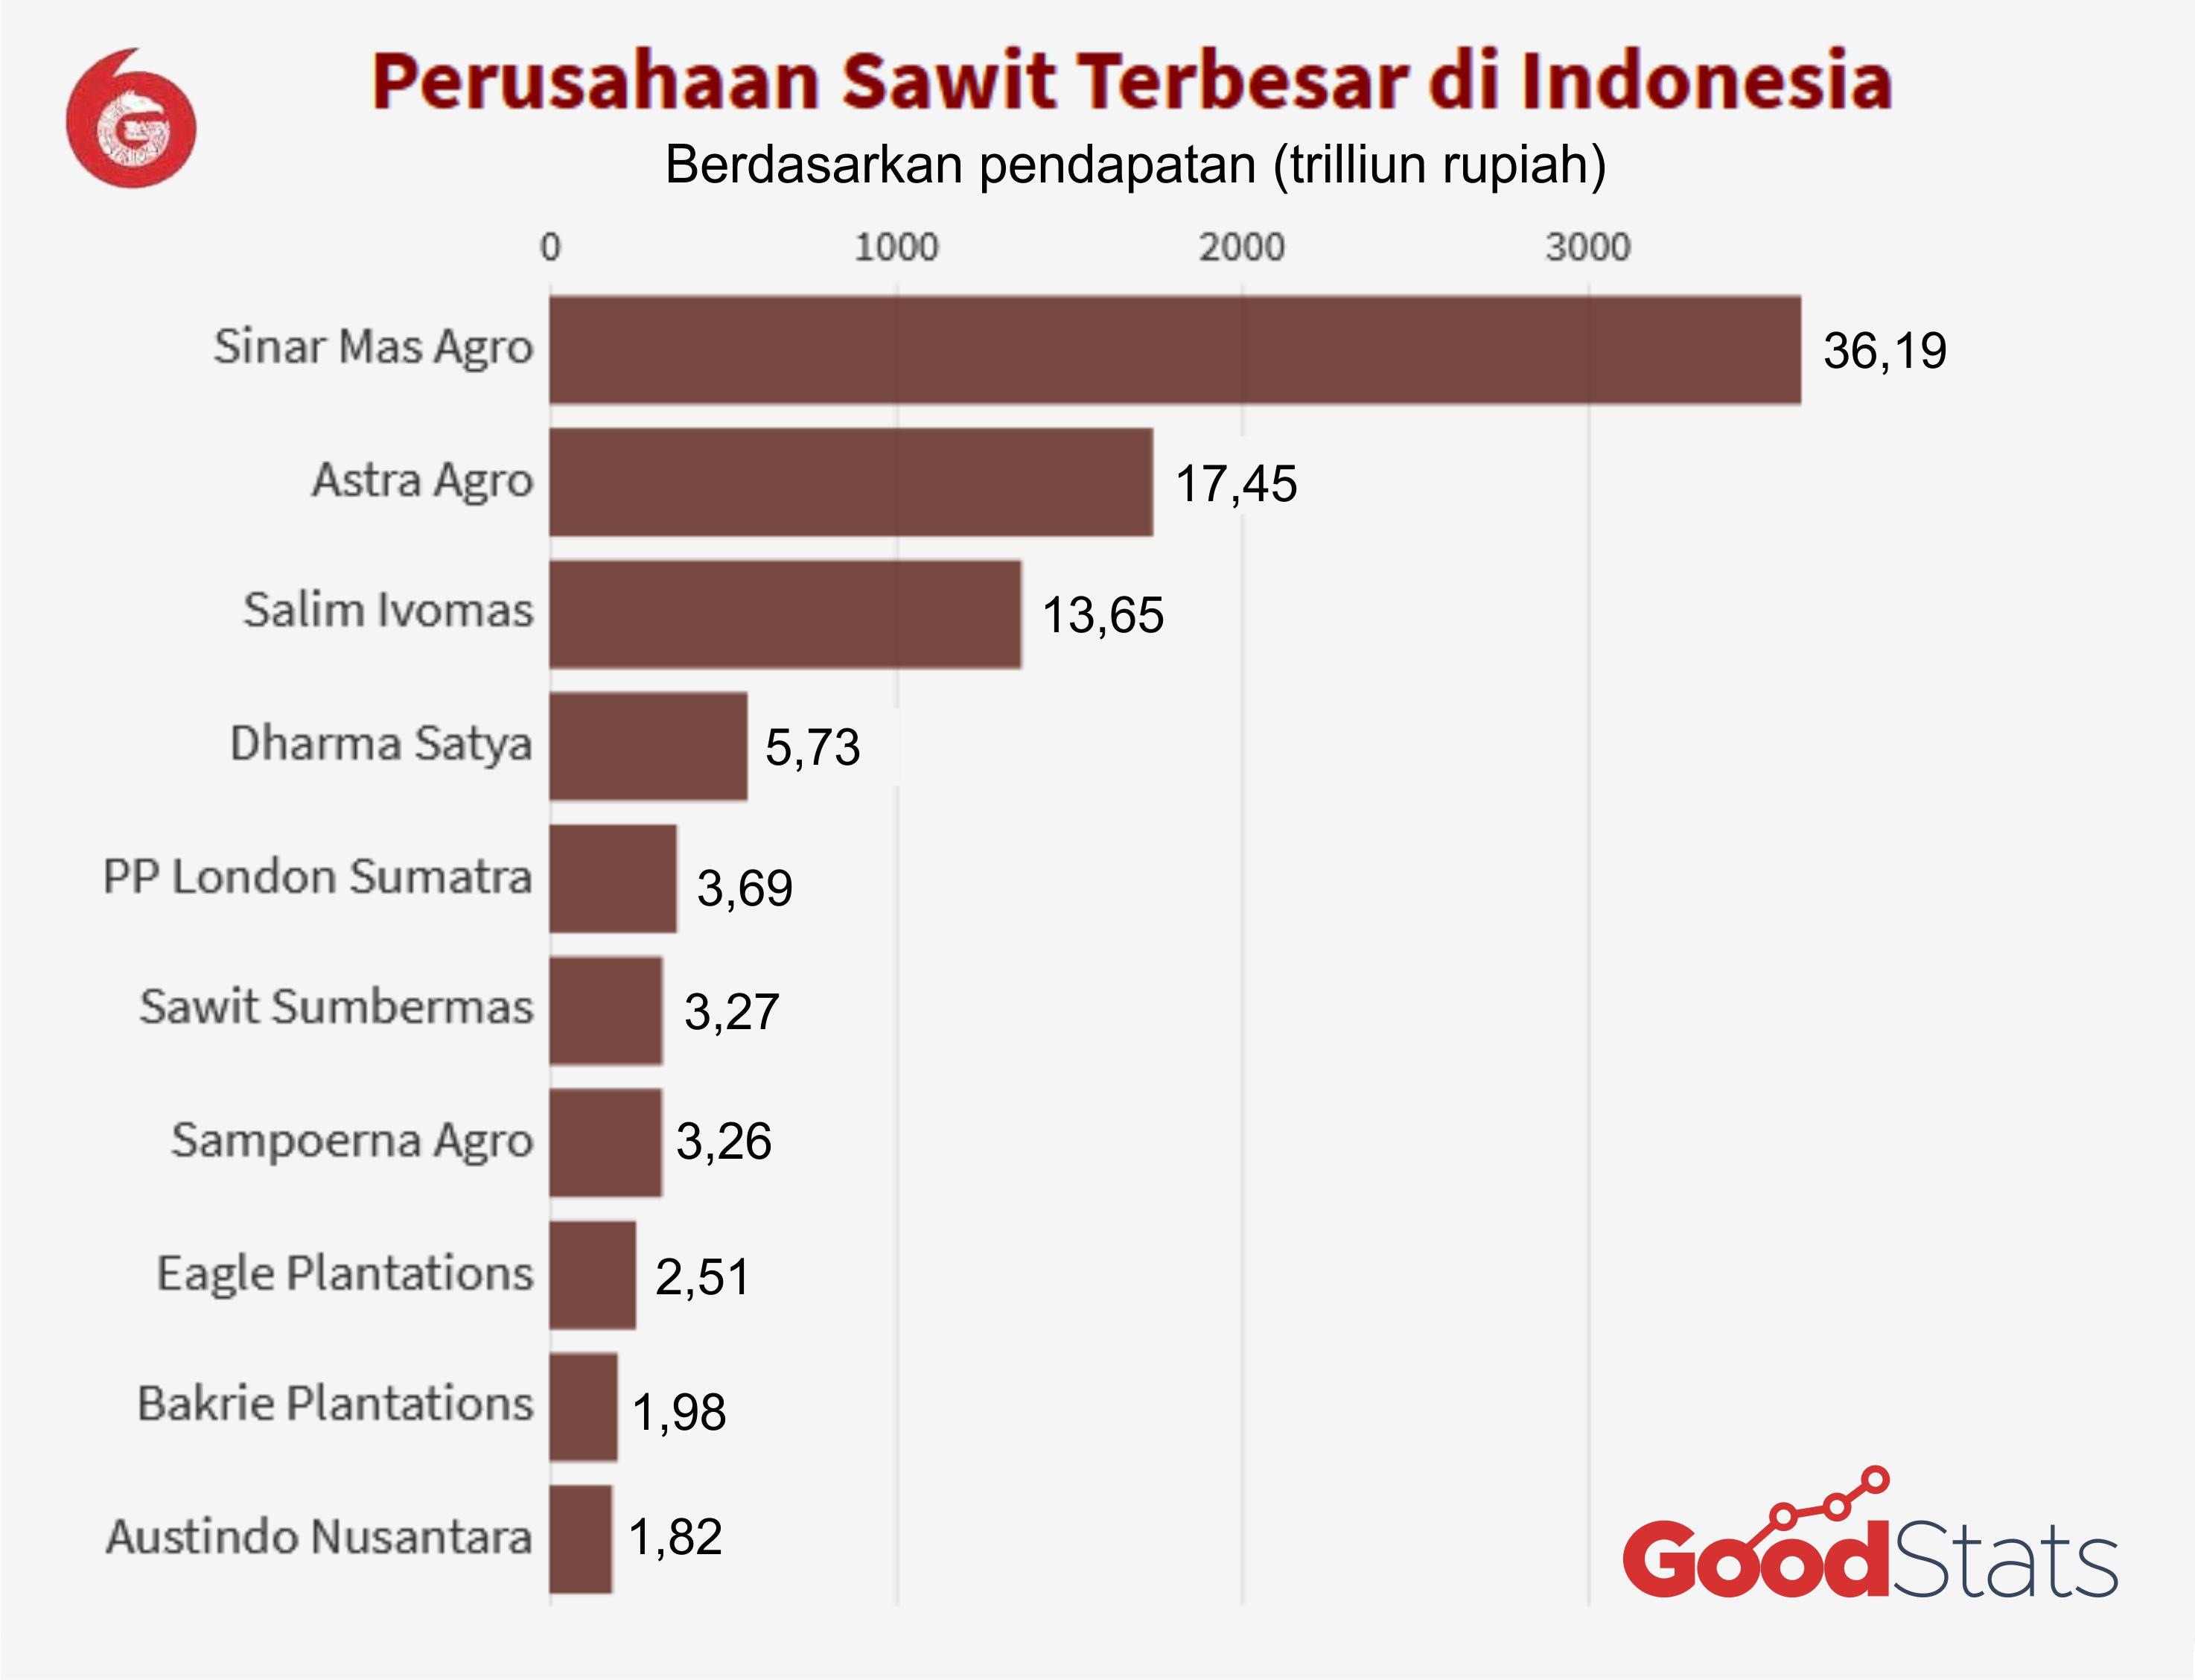 10 perusahaan sawit terbesar di Indonesia